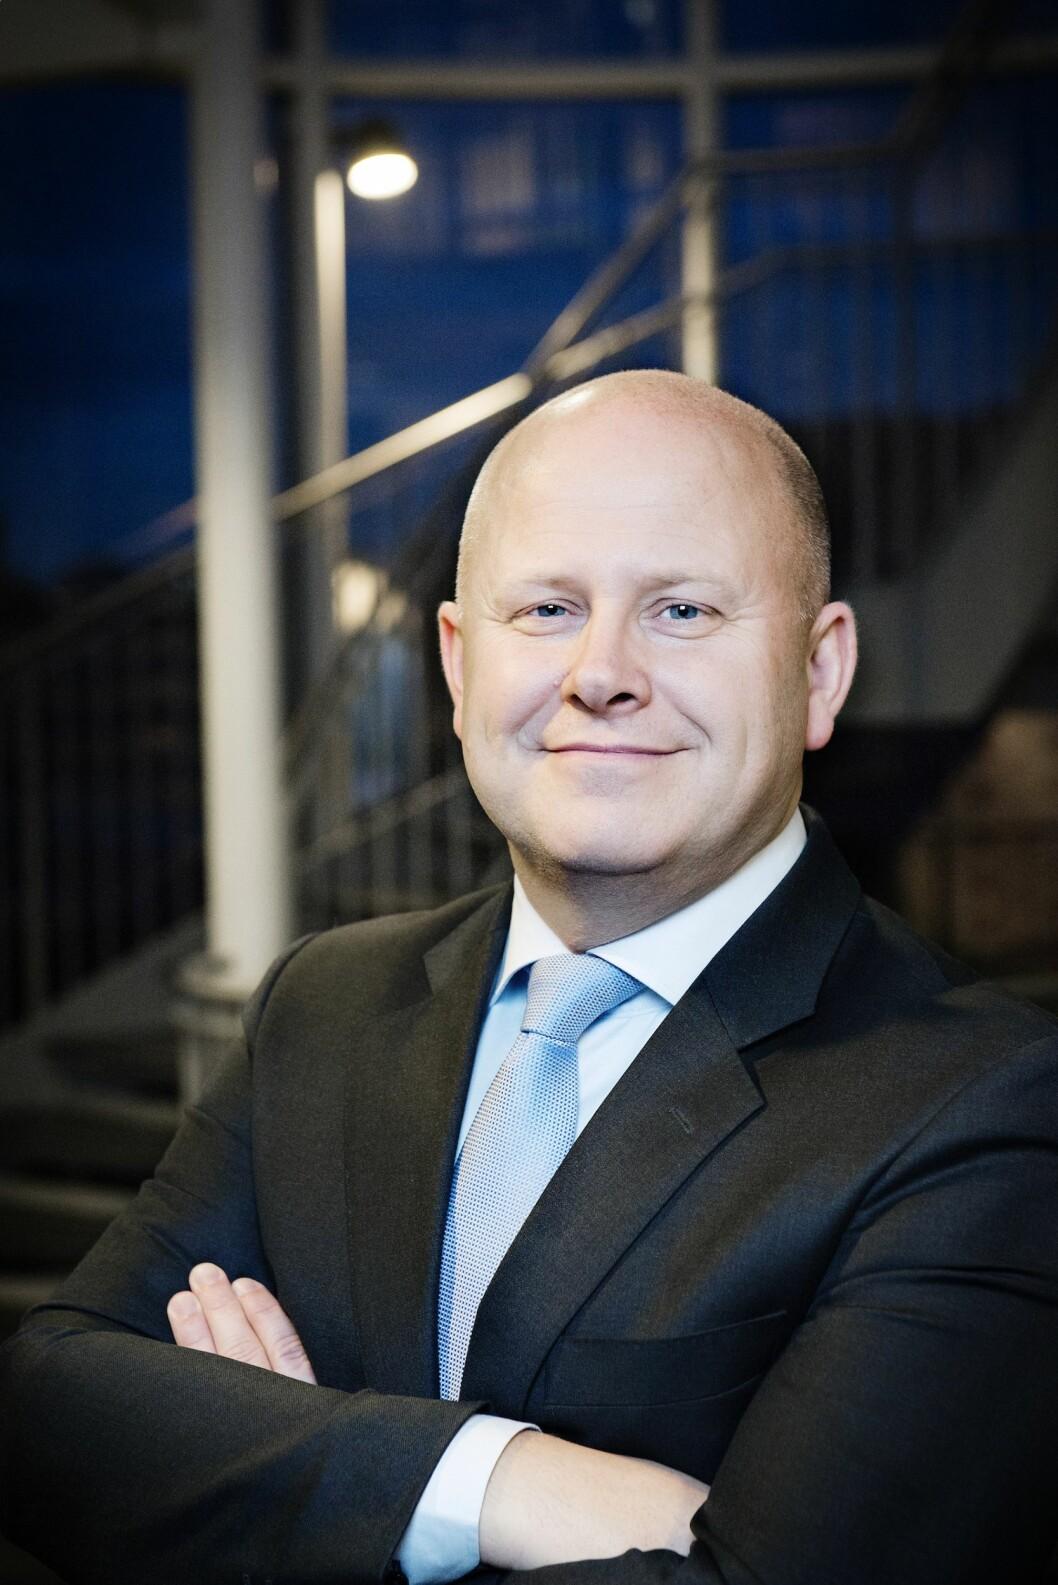 AVGÅTT MEN IKKE FORBIGÅTT: Estate Nyheters lesere har kåret ex-Selvaag-sjef Baard Schumann til Eiendomsbransjens mektigste. Det synes Schumann selv er rare greier.